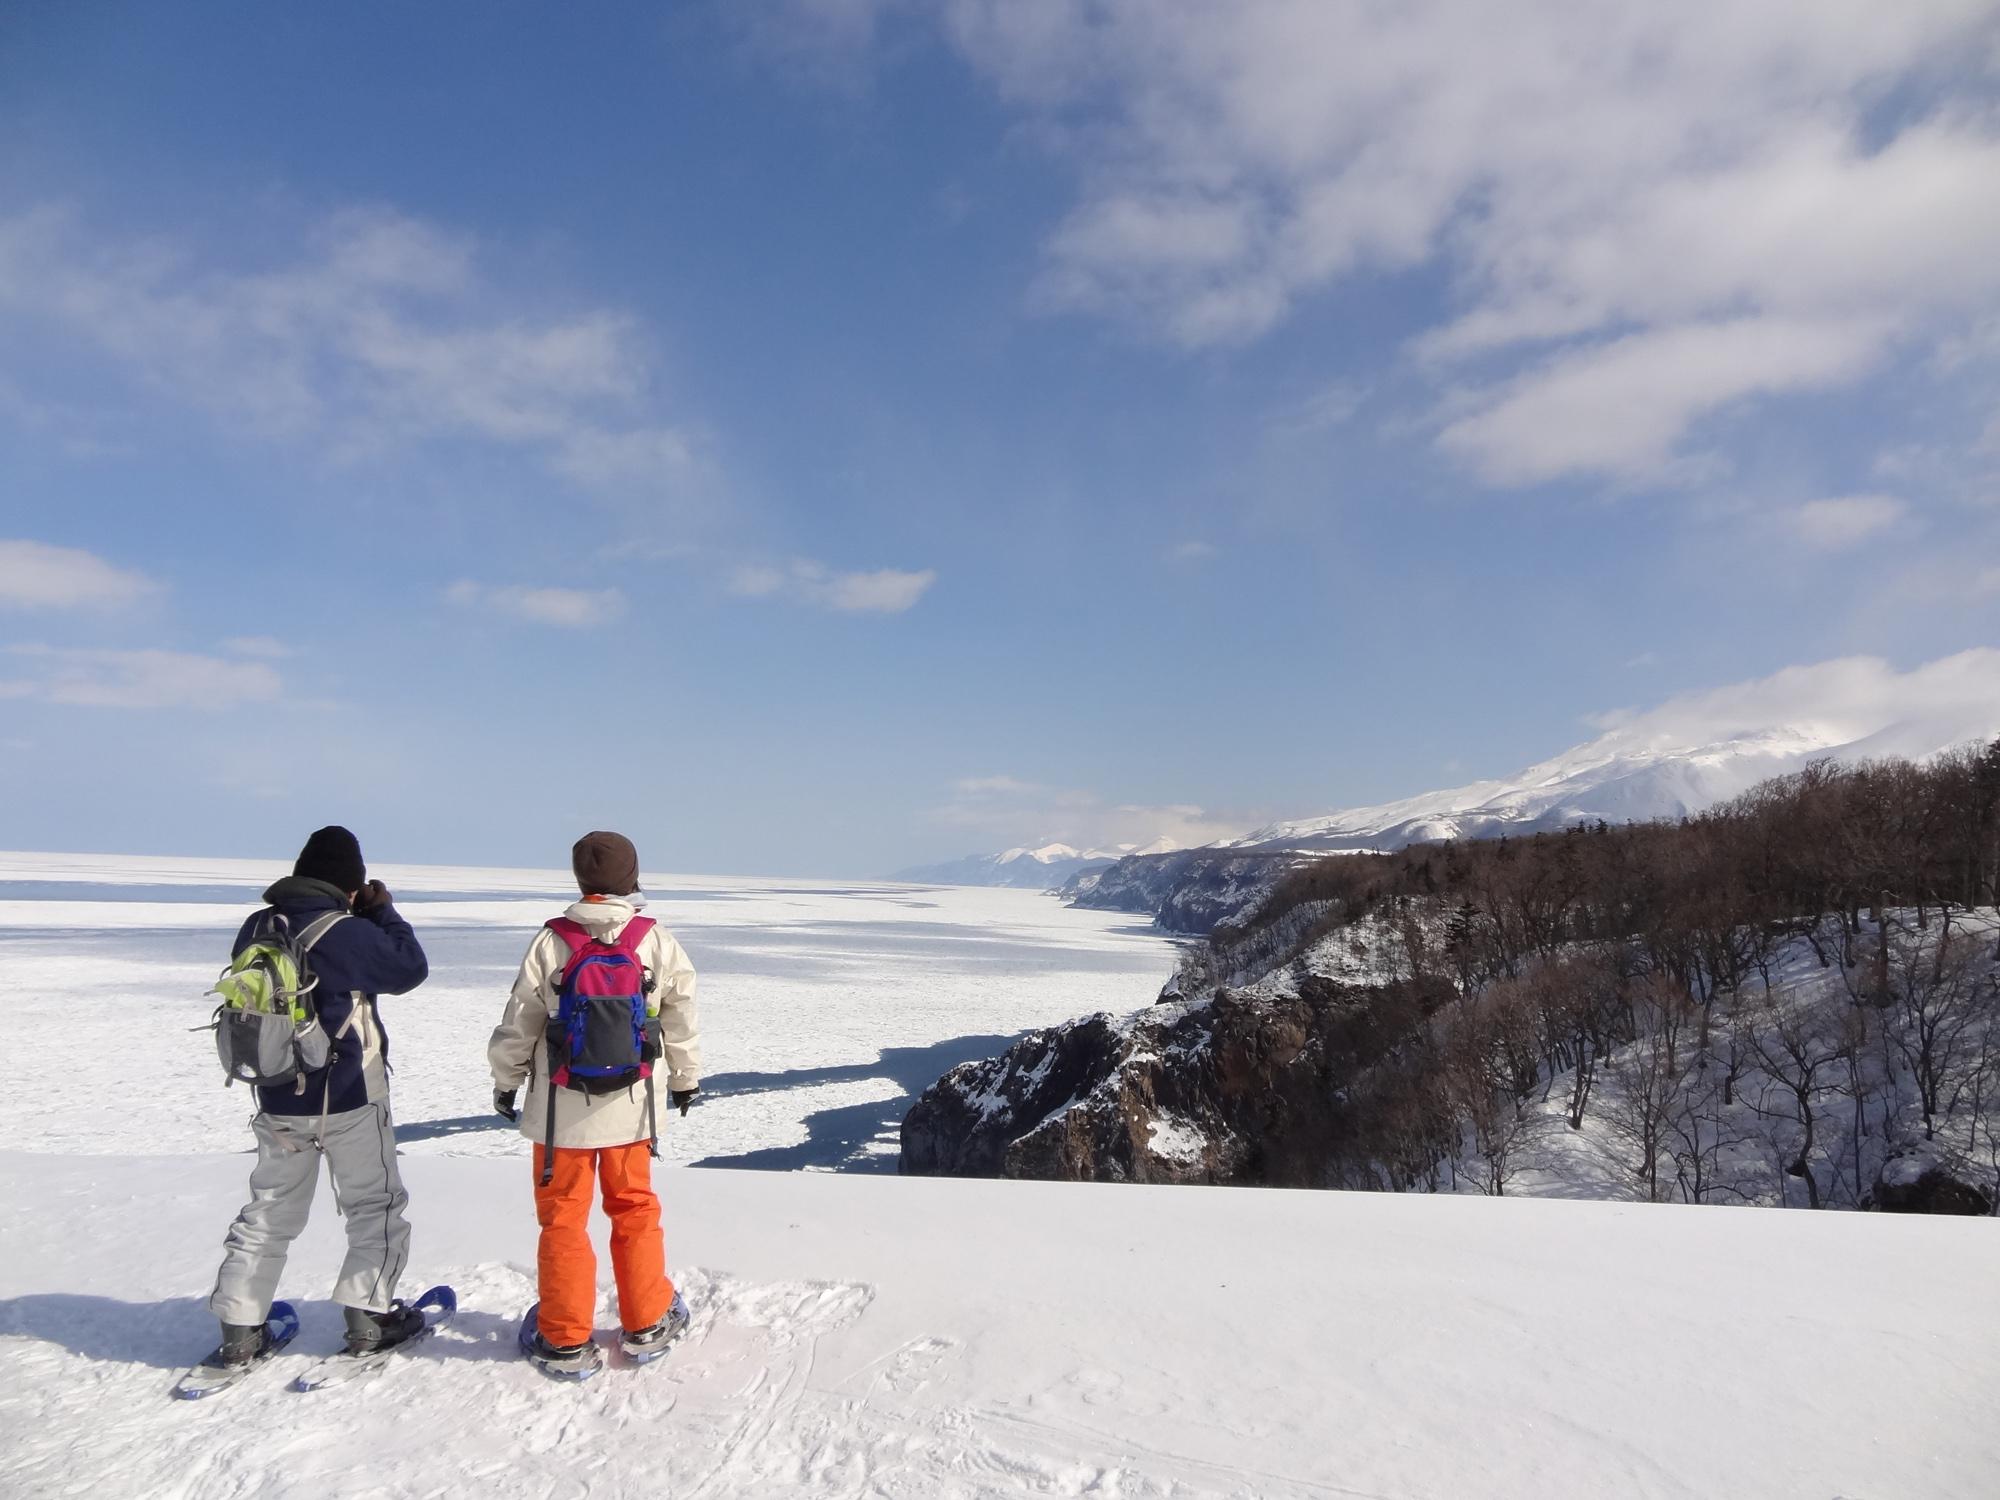 オホーツク海と断崖を広く見渡す景色。 自分の足で歩いたからこそ見ることができる風景です。